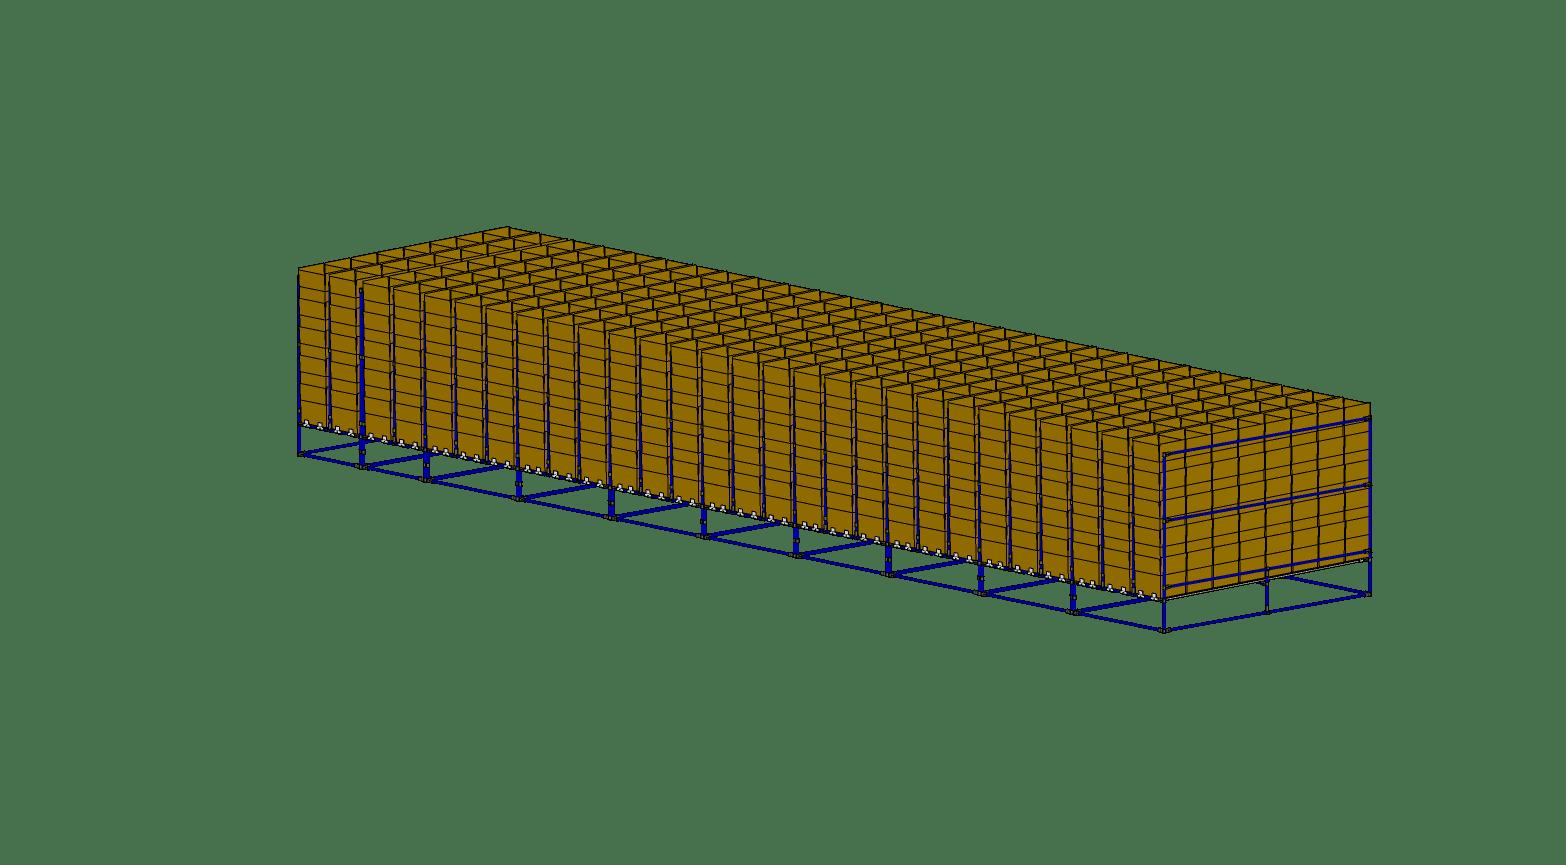 Empty Box Conveyor